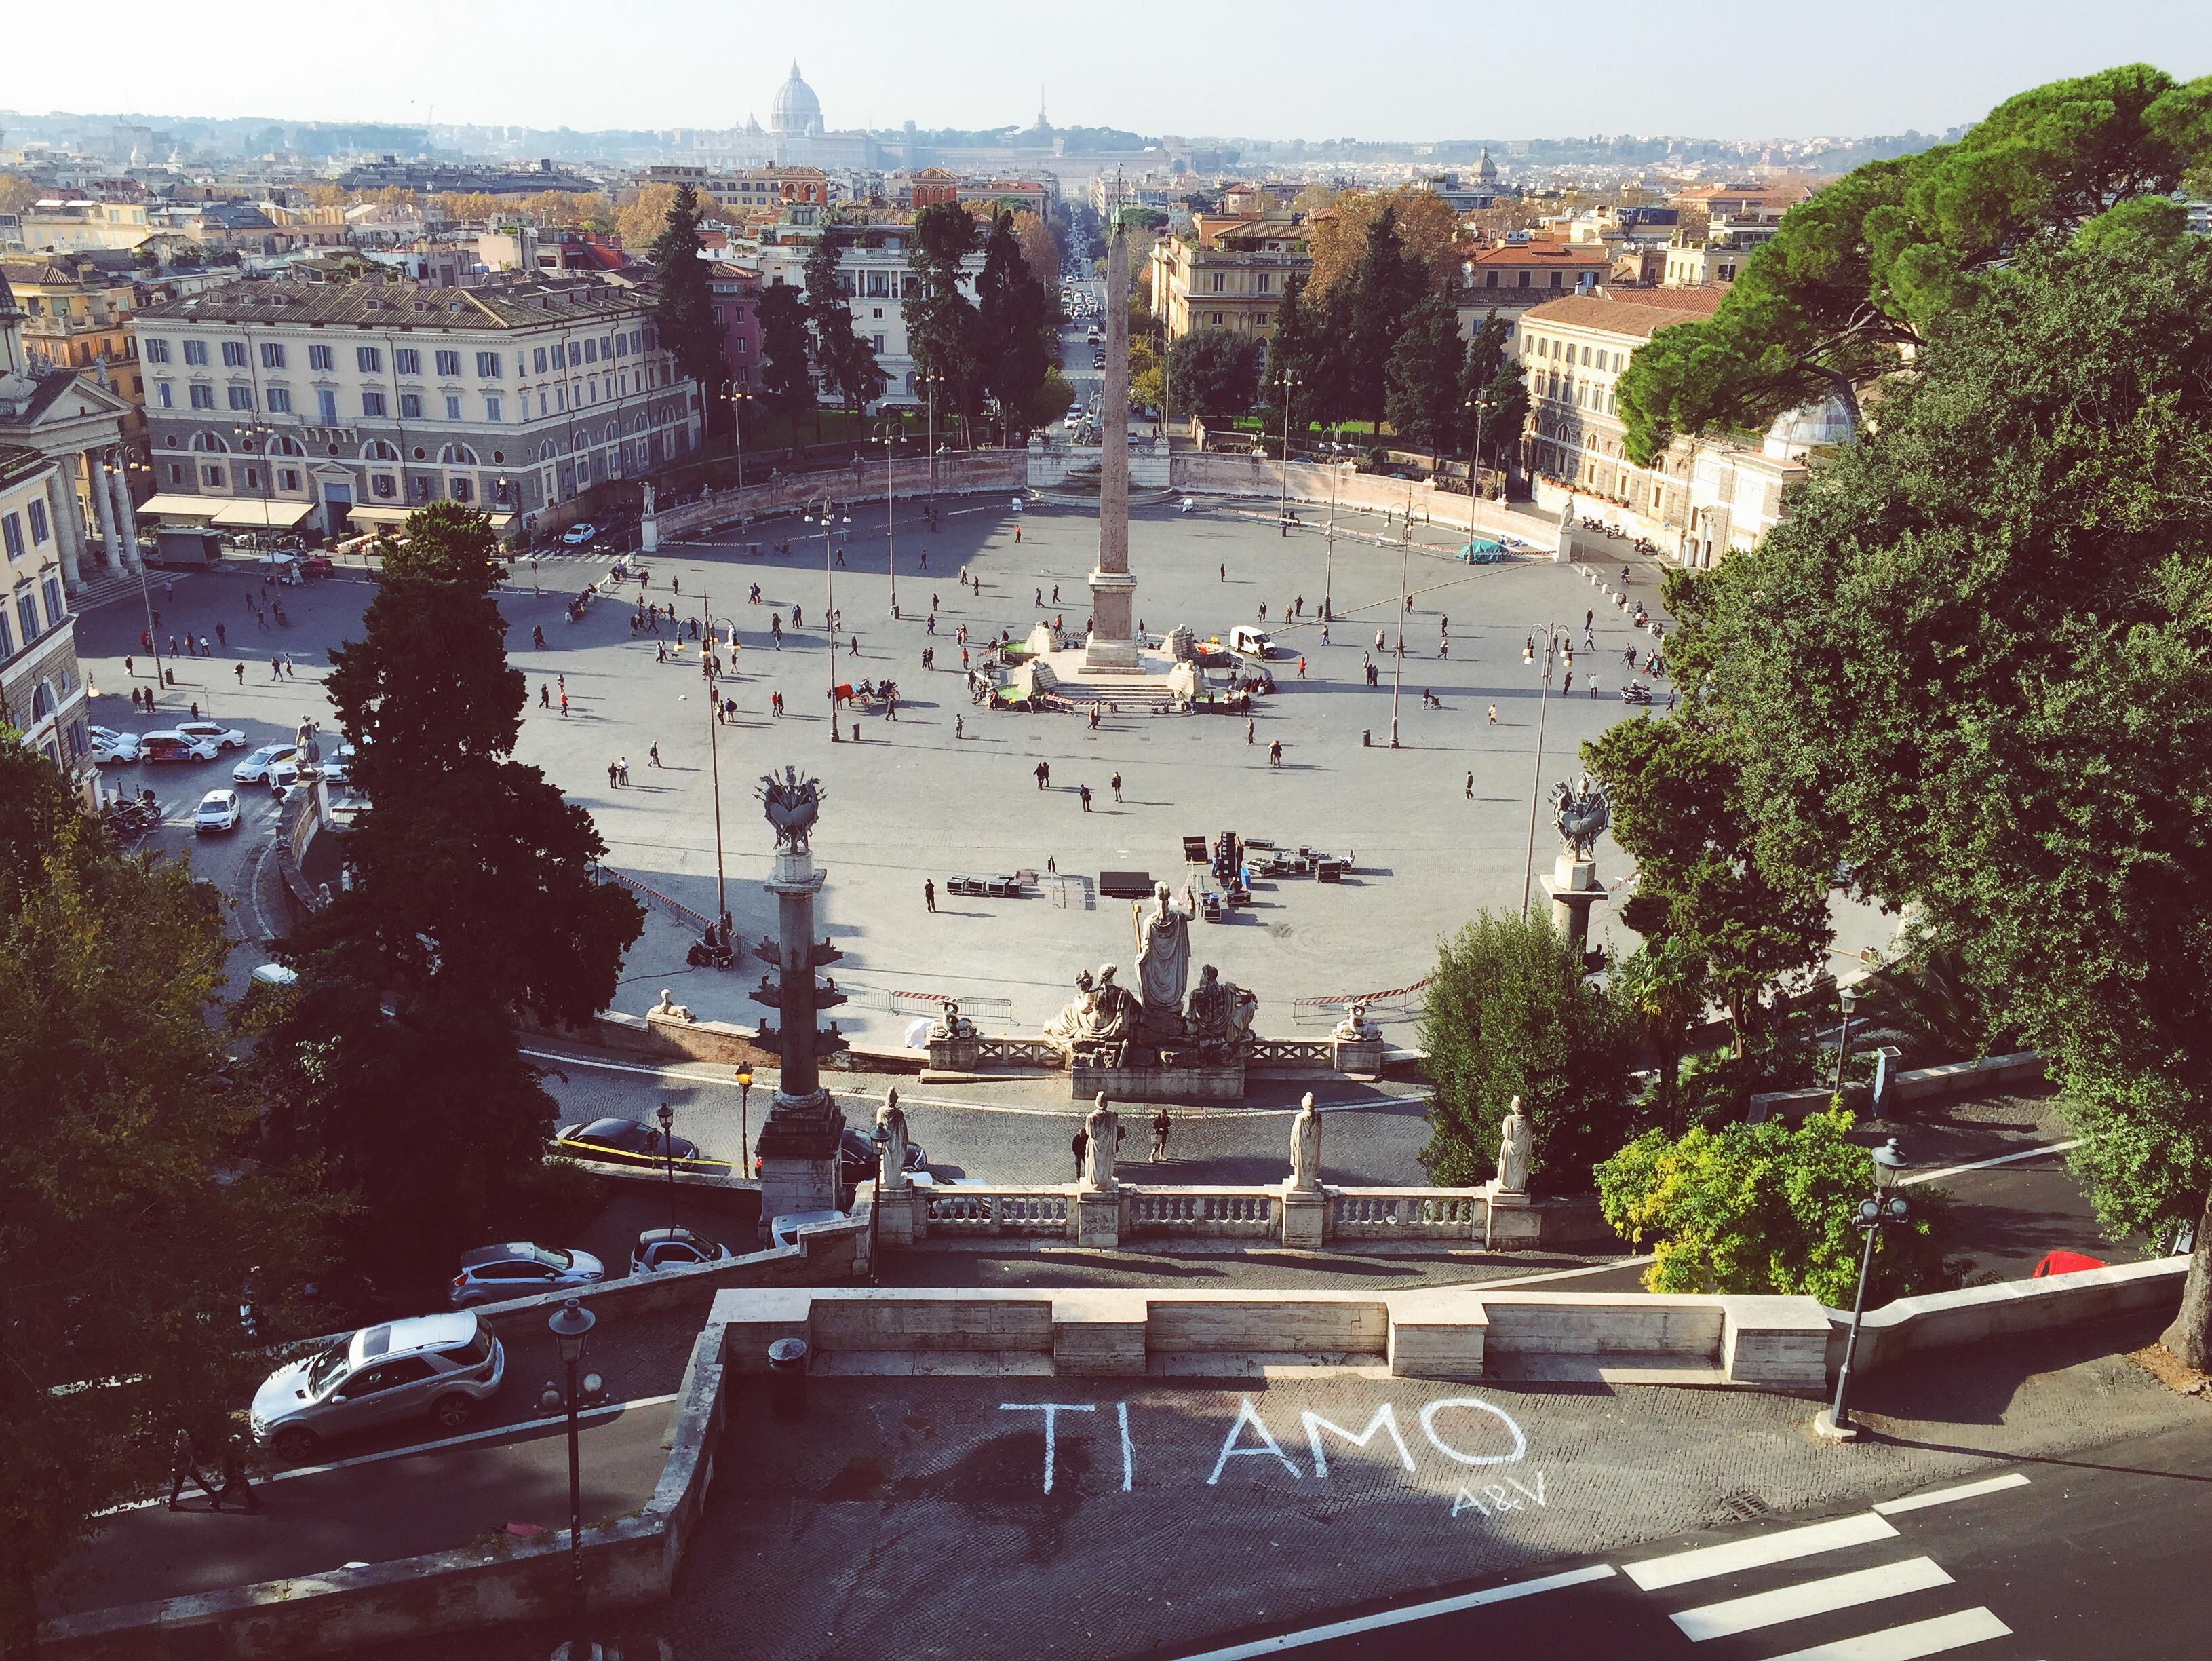 Photo salomé lagresle Rome